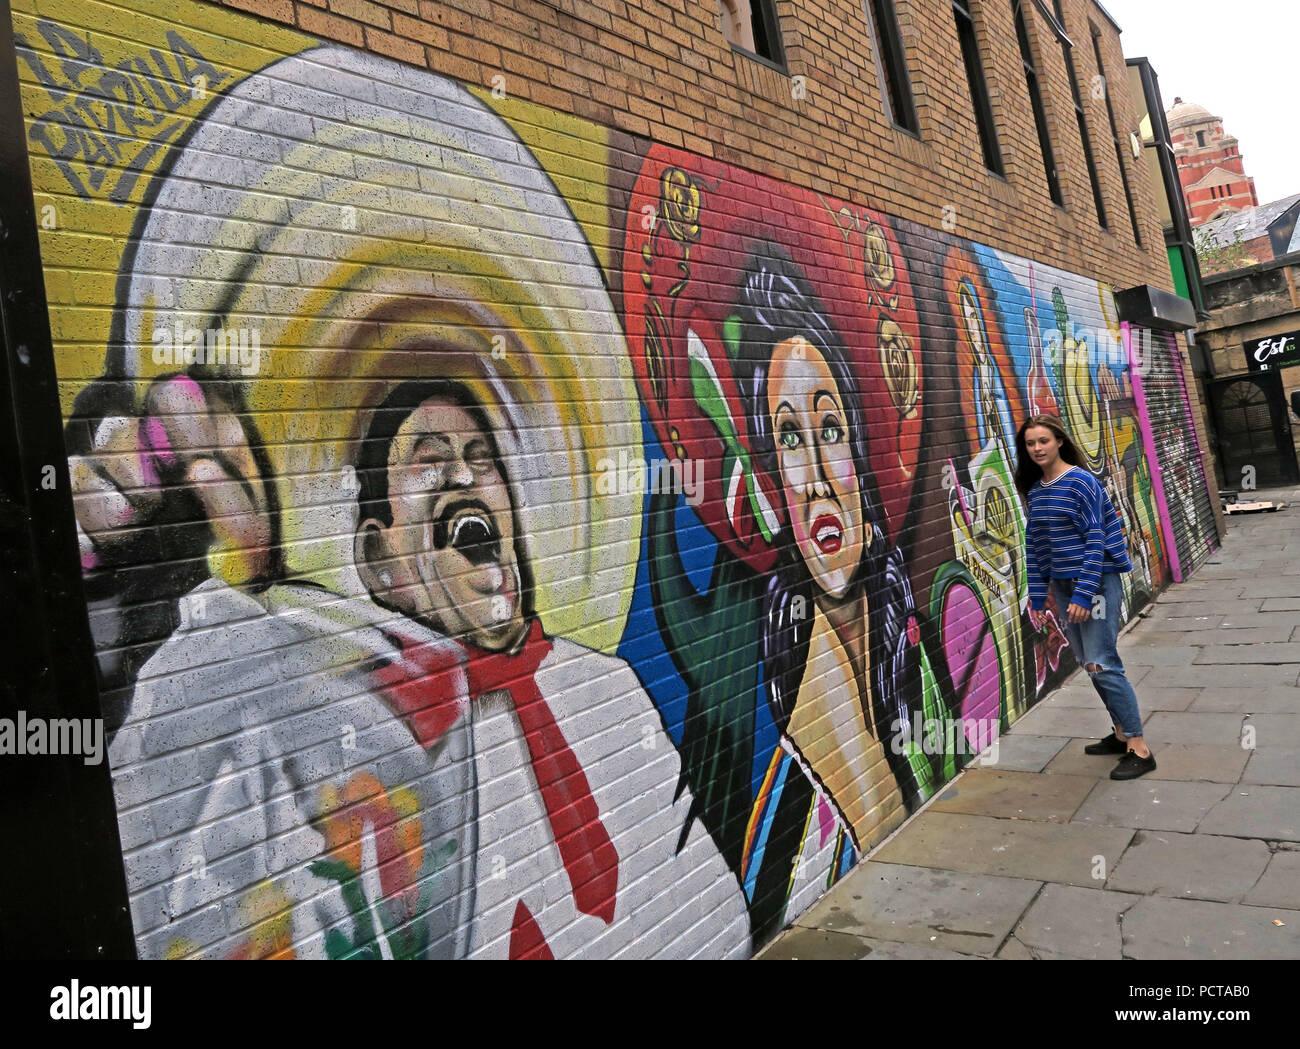 GoTonySmith,@HotpixUK,England,man,hat,hats,smile,smiling